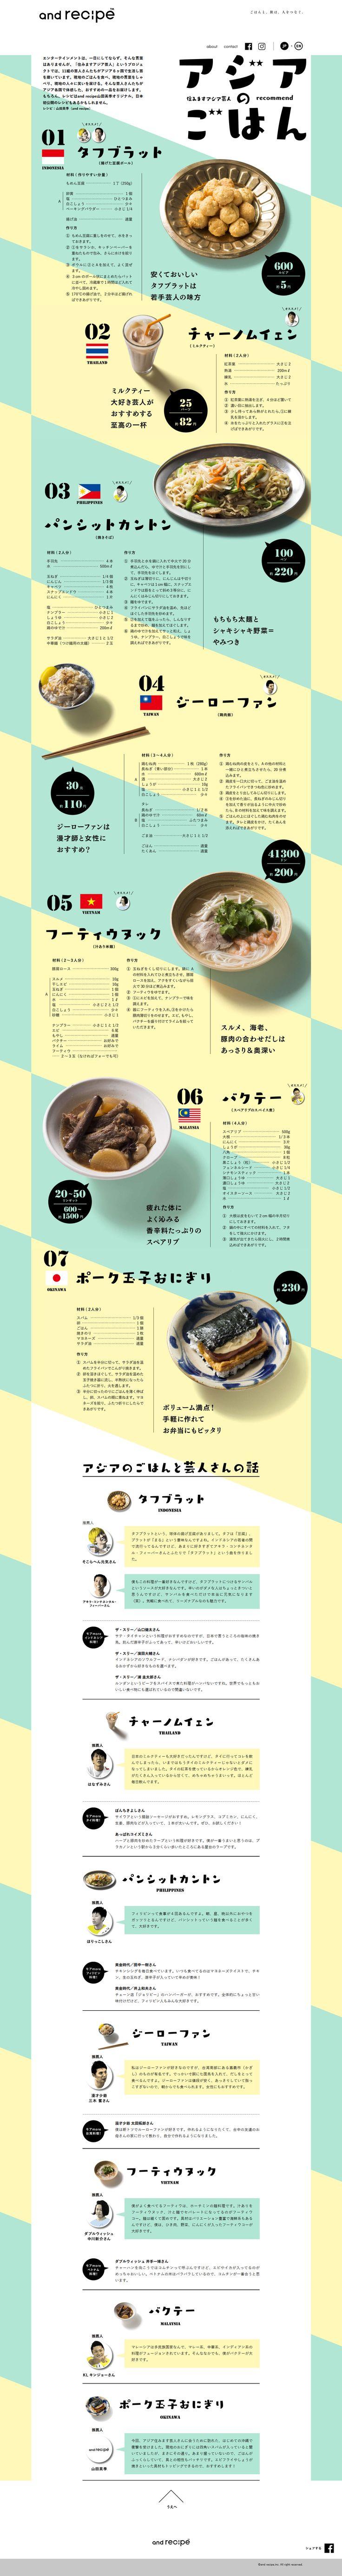 アジアのごはん and recipe アンドレシピ http://andrecipe.tokyo/feature/1707/index.html